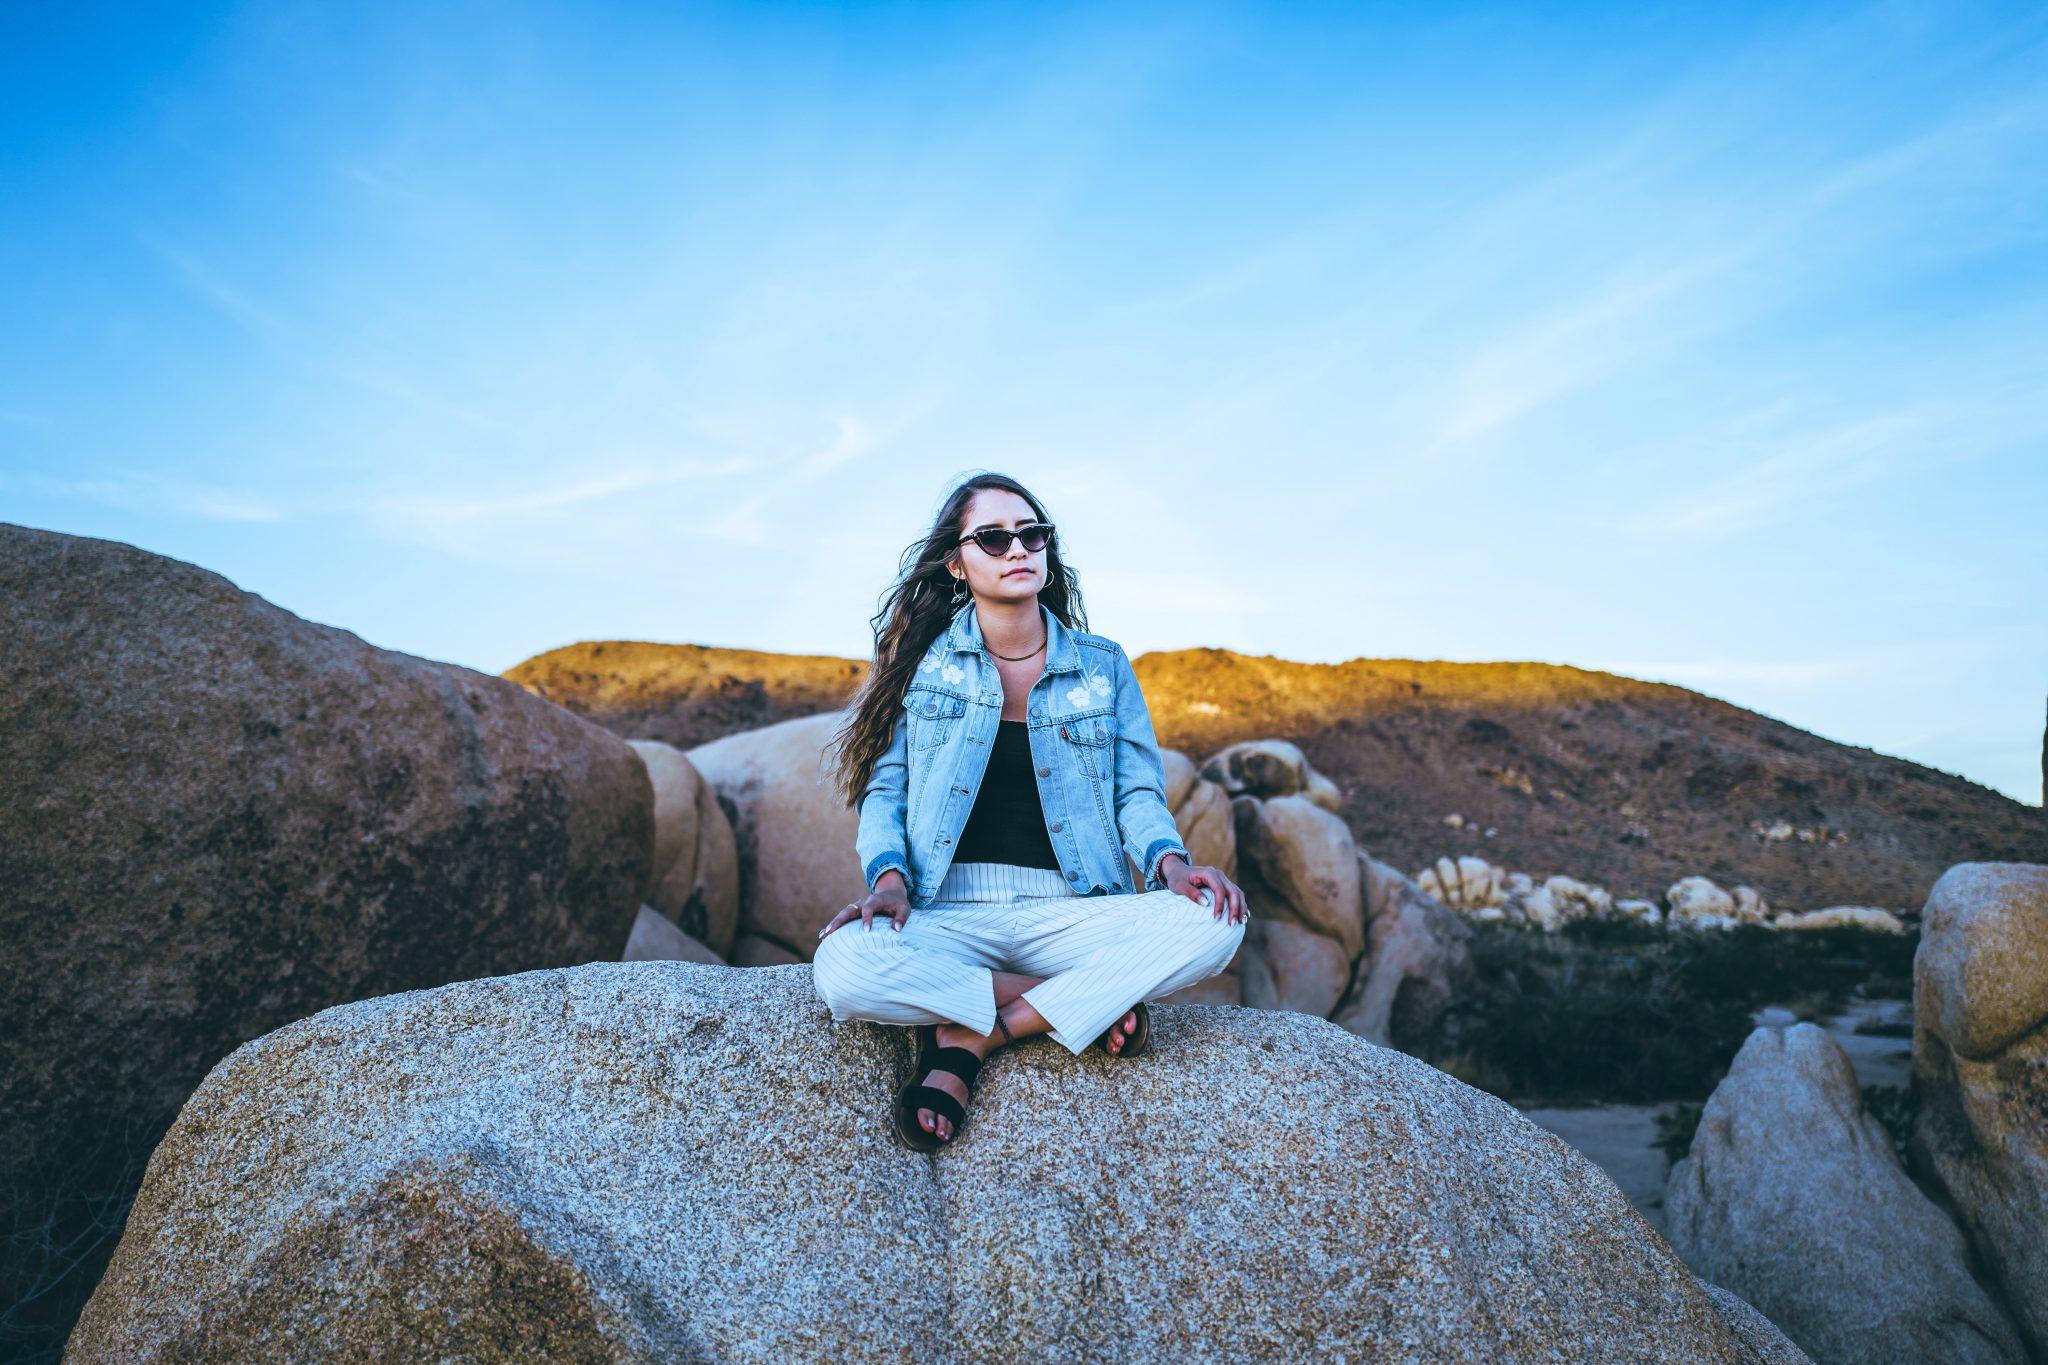 Warsztaty medytacji, czyli wycieczka wgłąb siebie 3